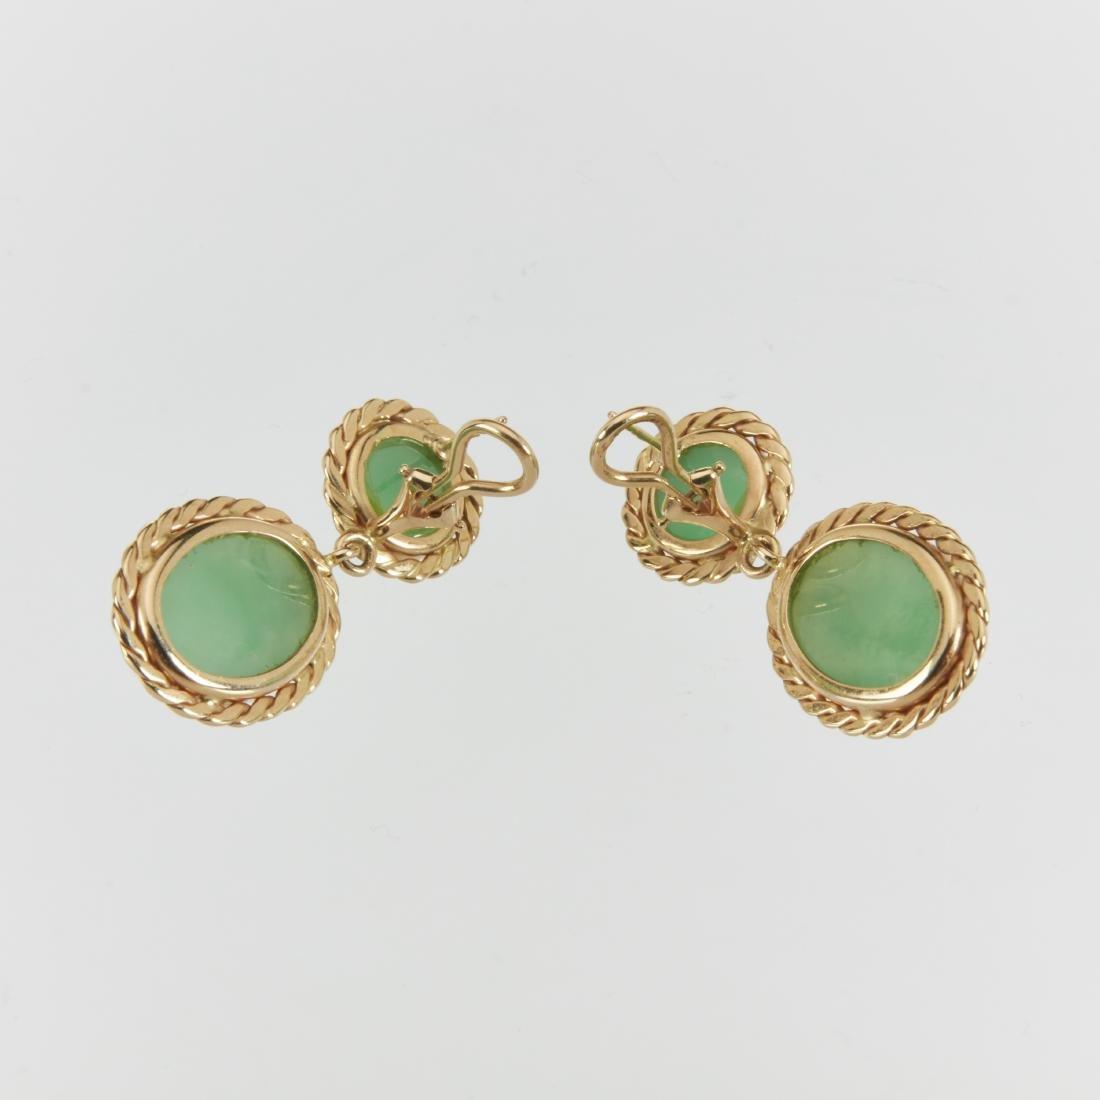 A 14K & Jade Ring & Earrings Set - 8